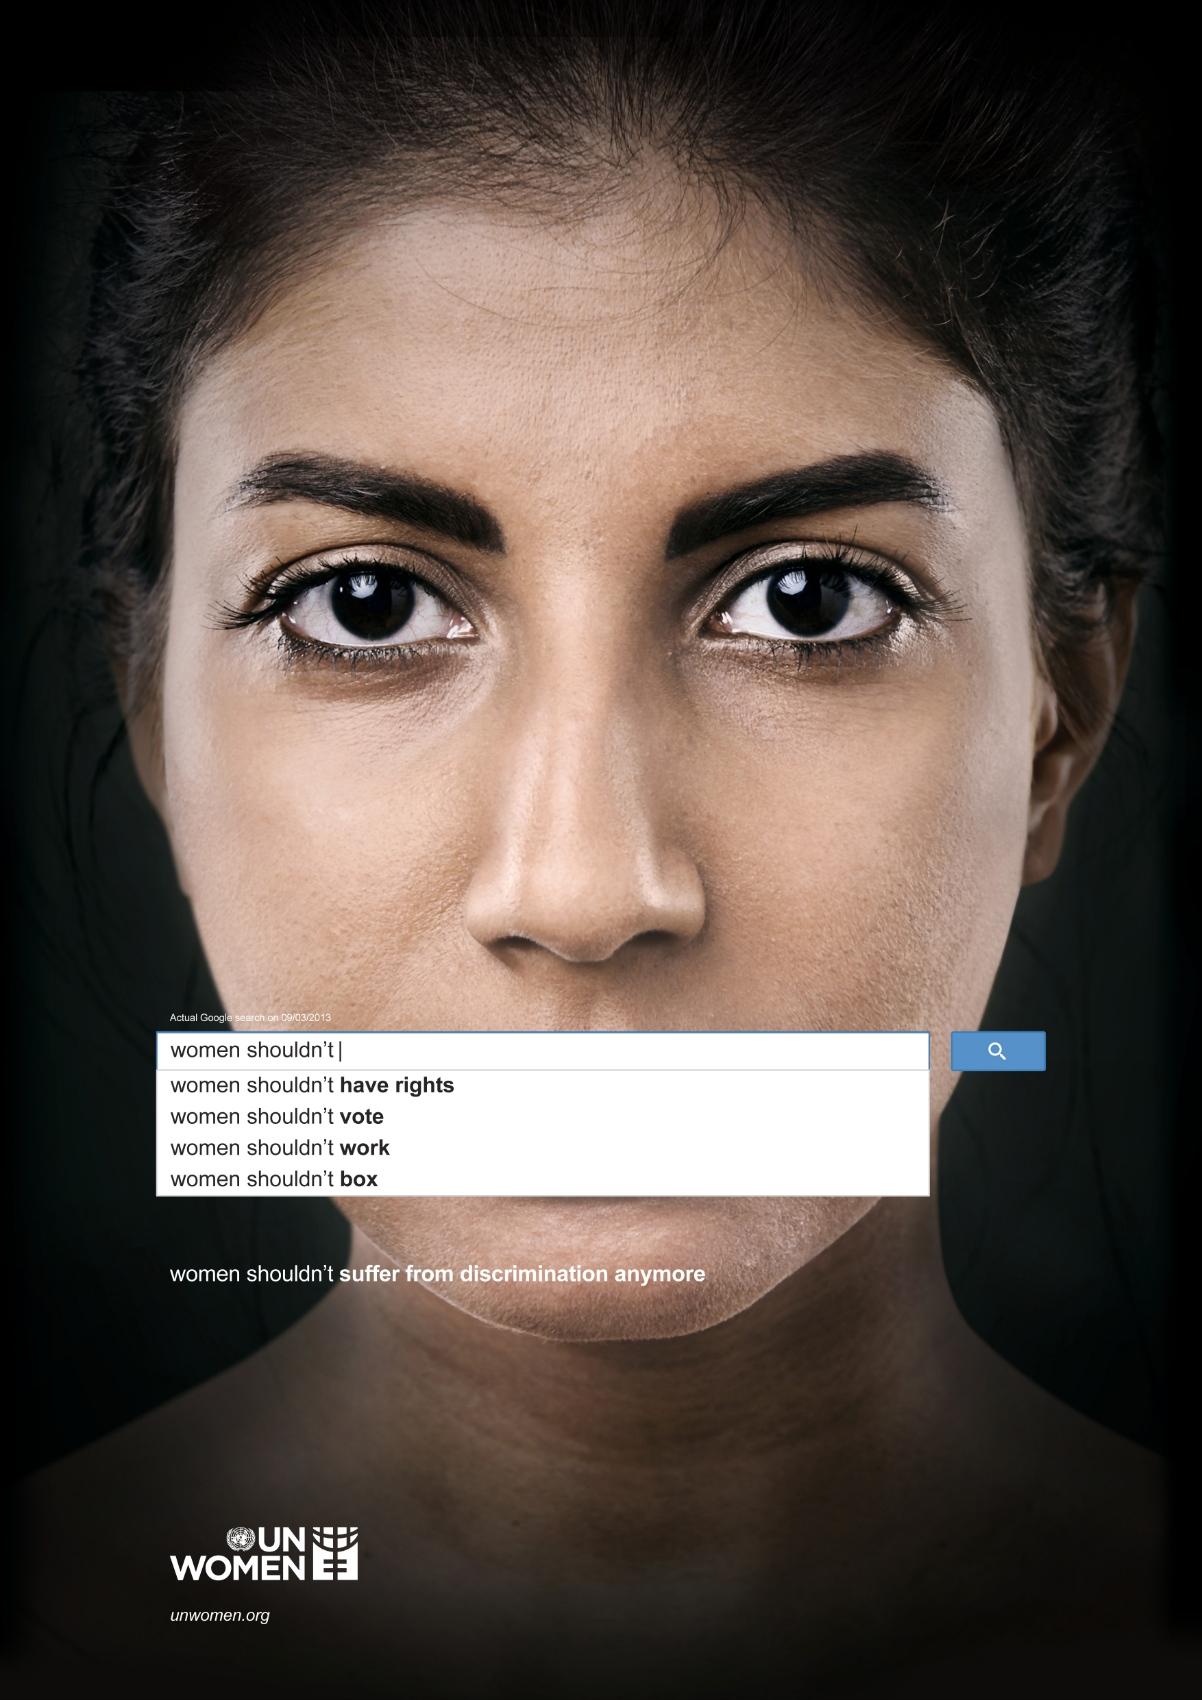 UNWomen_print7124213171nSKH